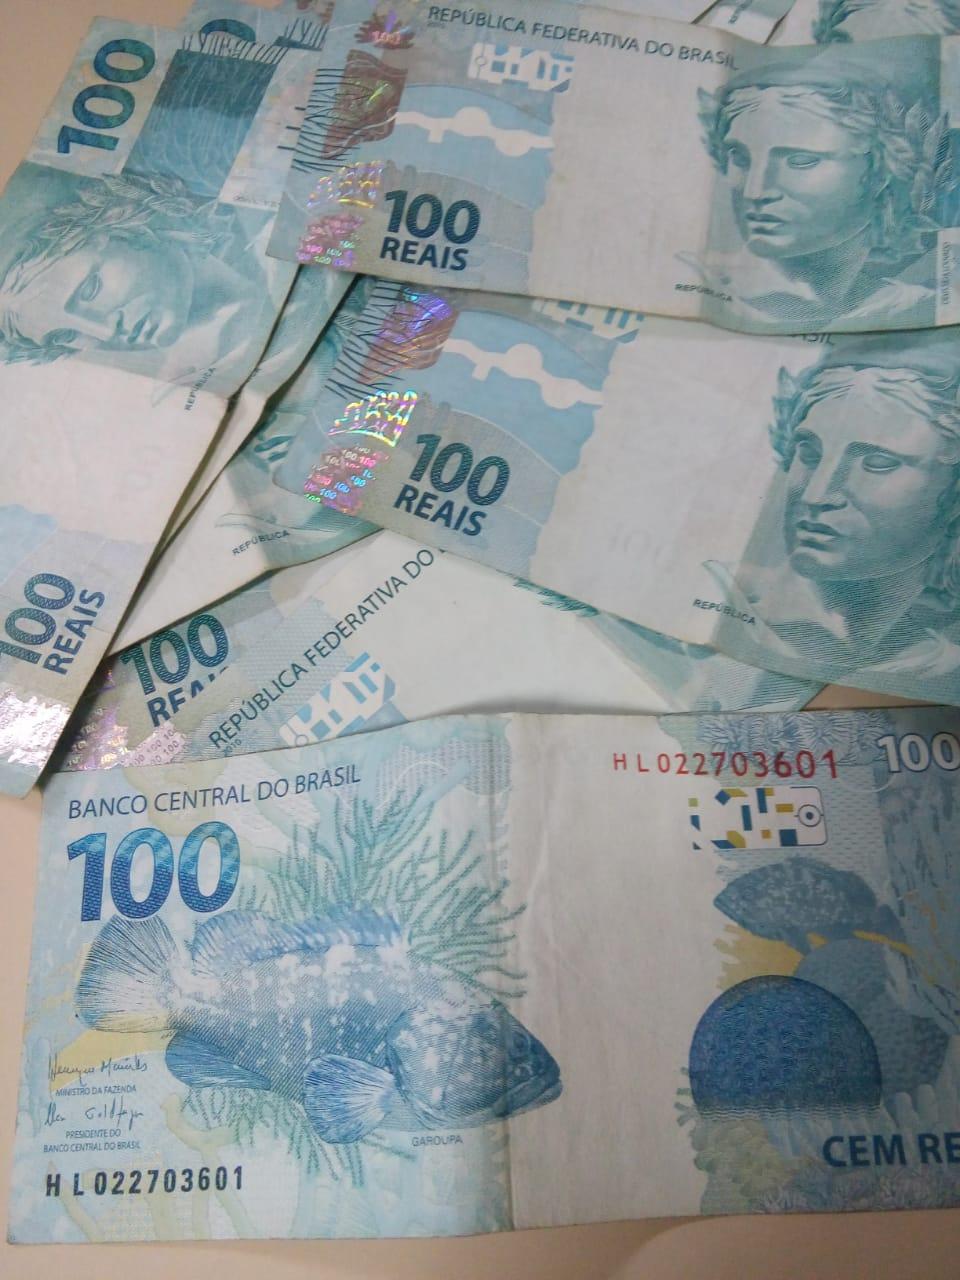 Empresário relata possível derramamento de notas falsas em Piratuba